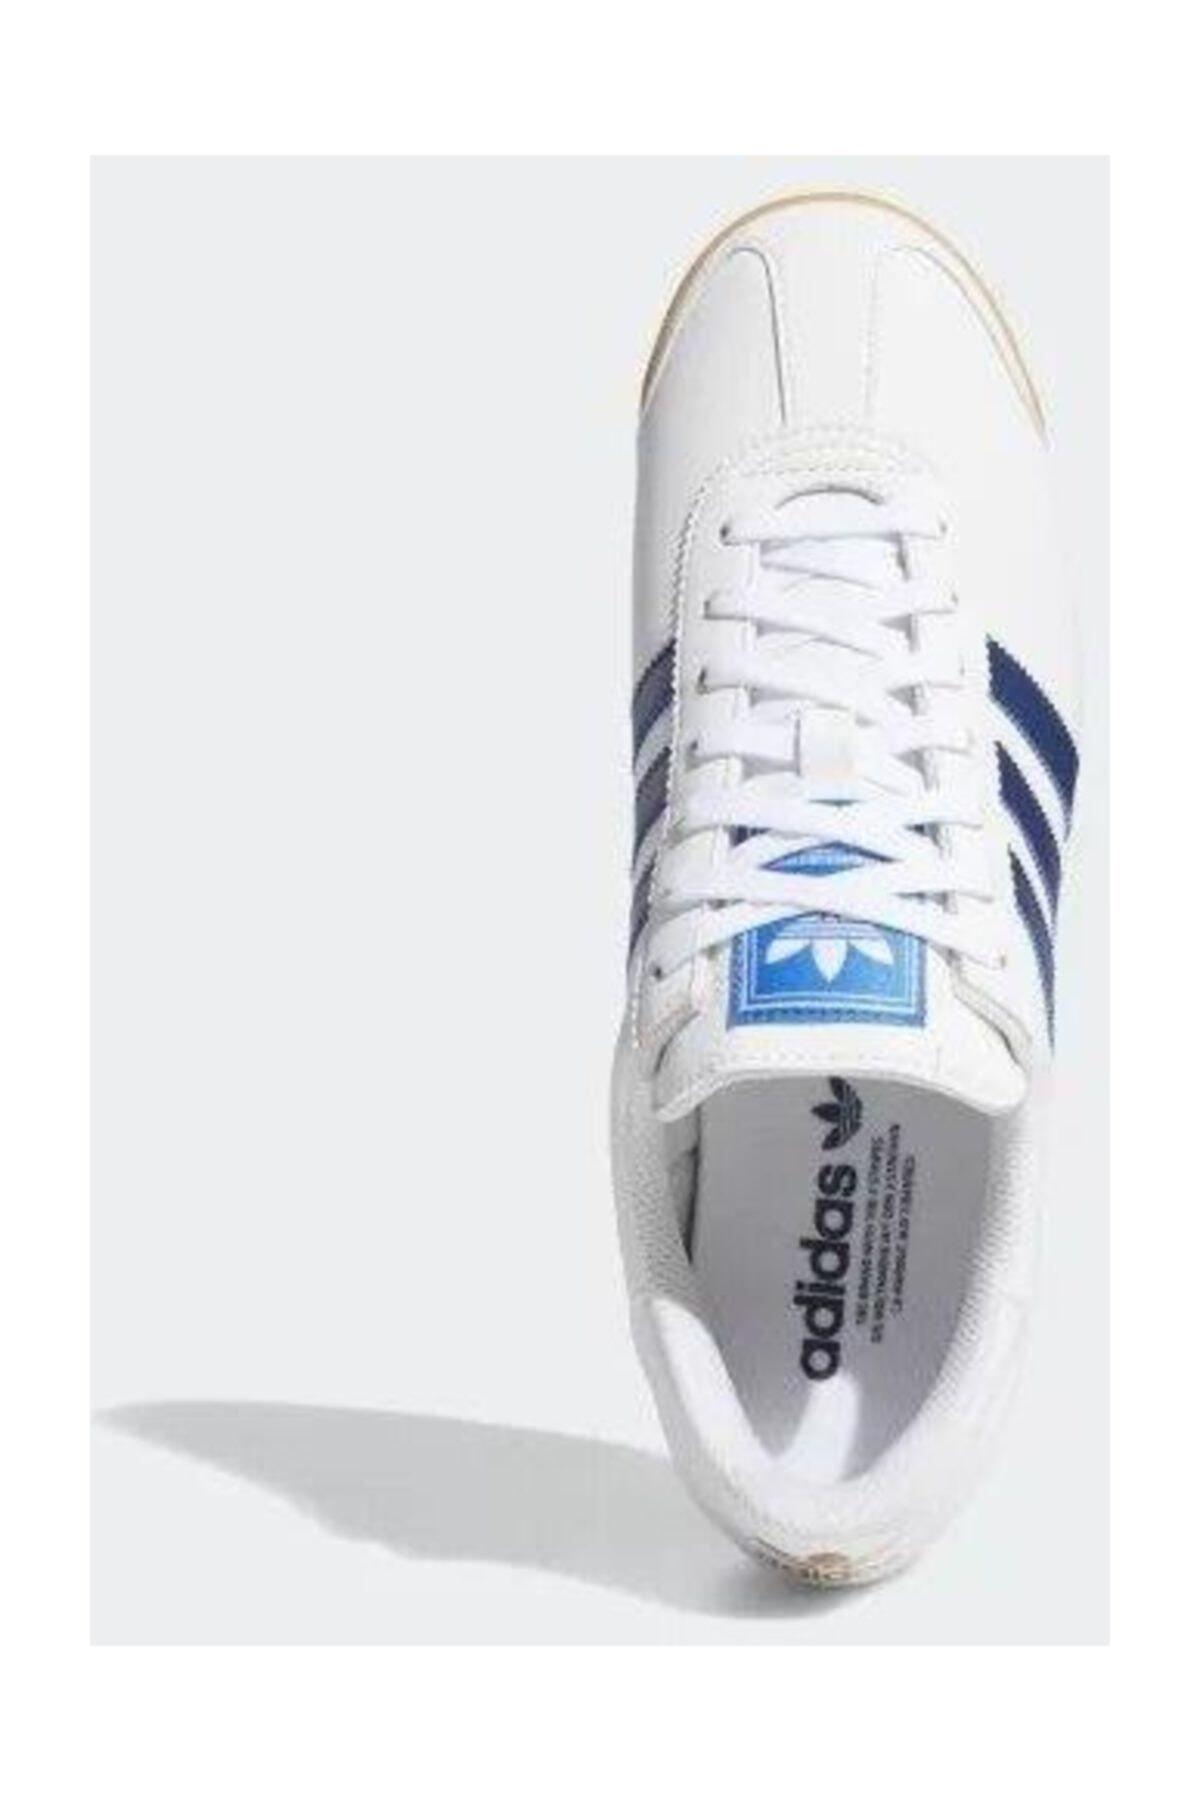 adidas Samoa Erkek Günlük Ayakkabı 2